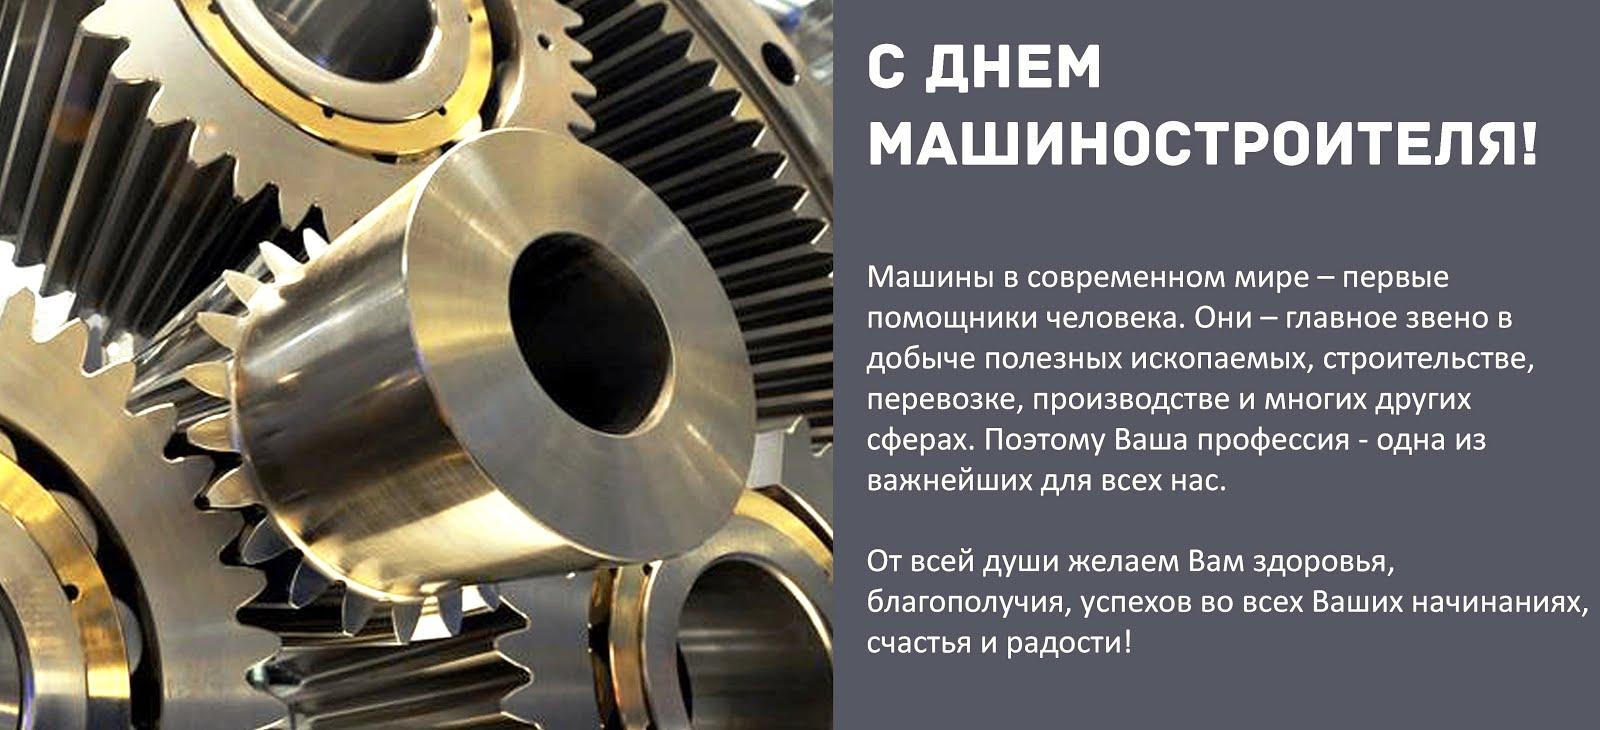 День машиностроителя открытки для партнеров, школу картинки